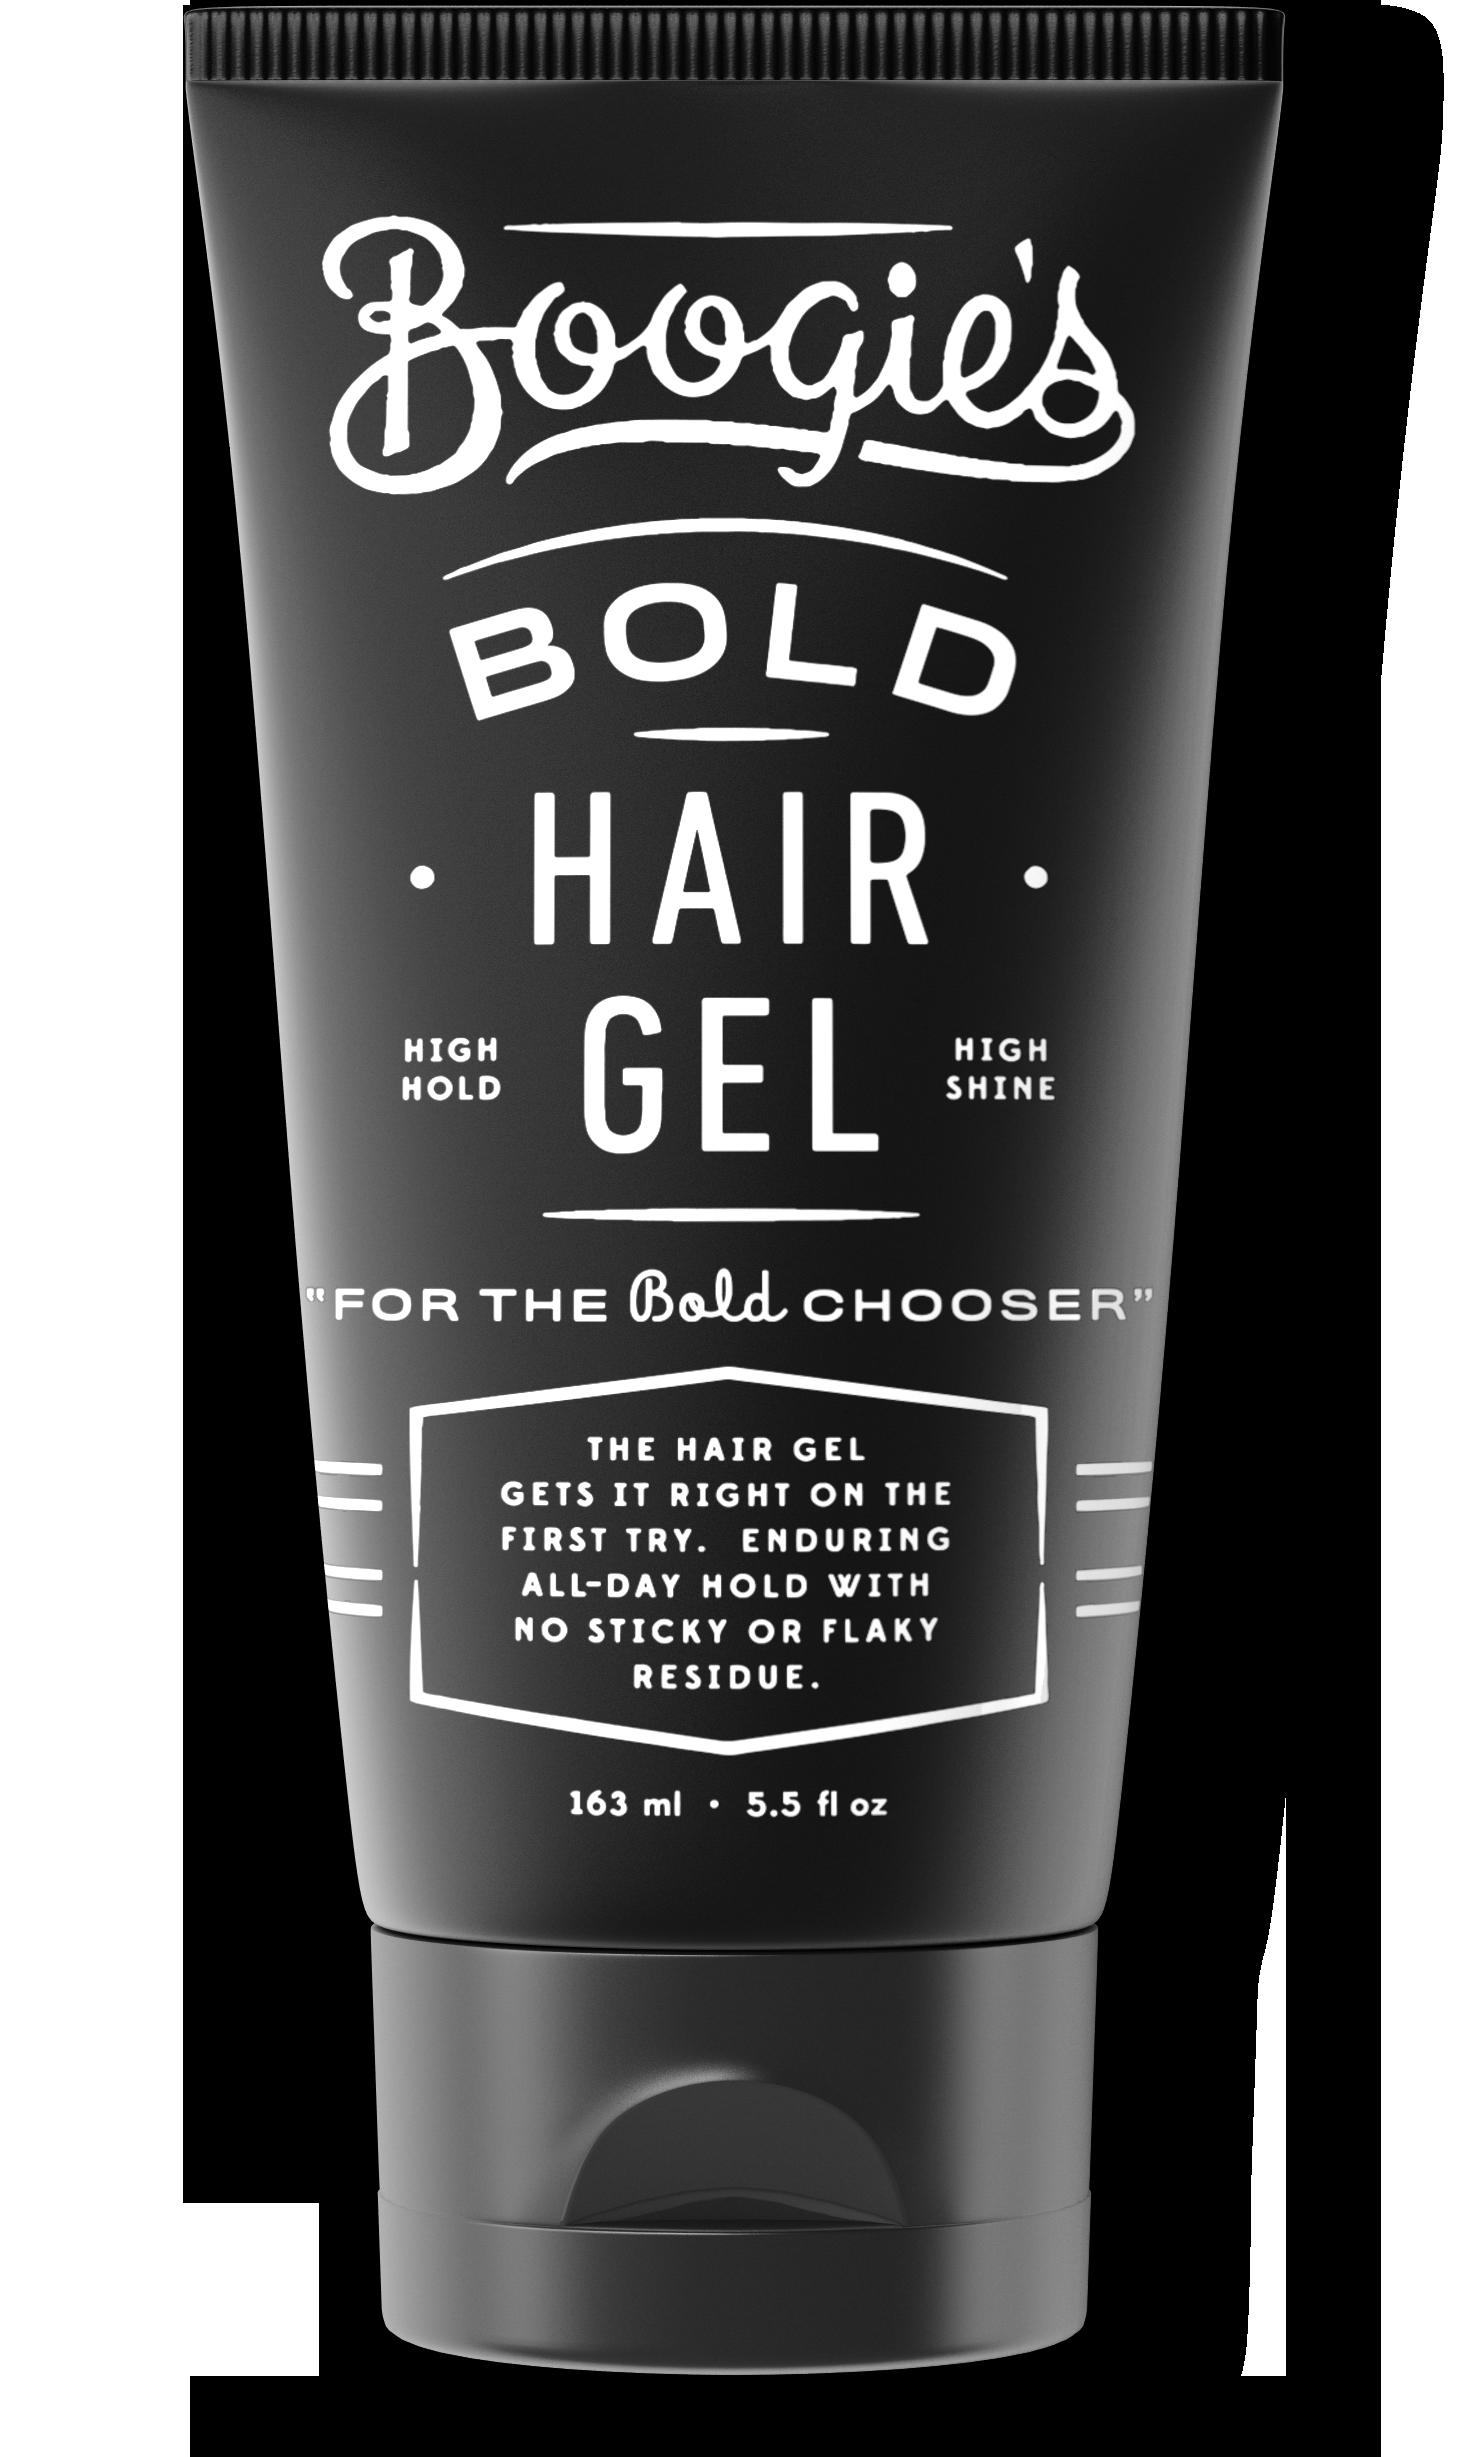 Hair-gel.png - Hair Gel PNG